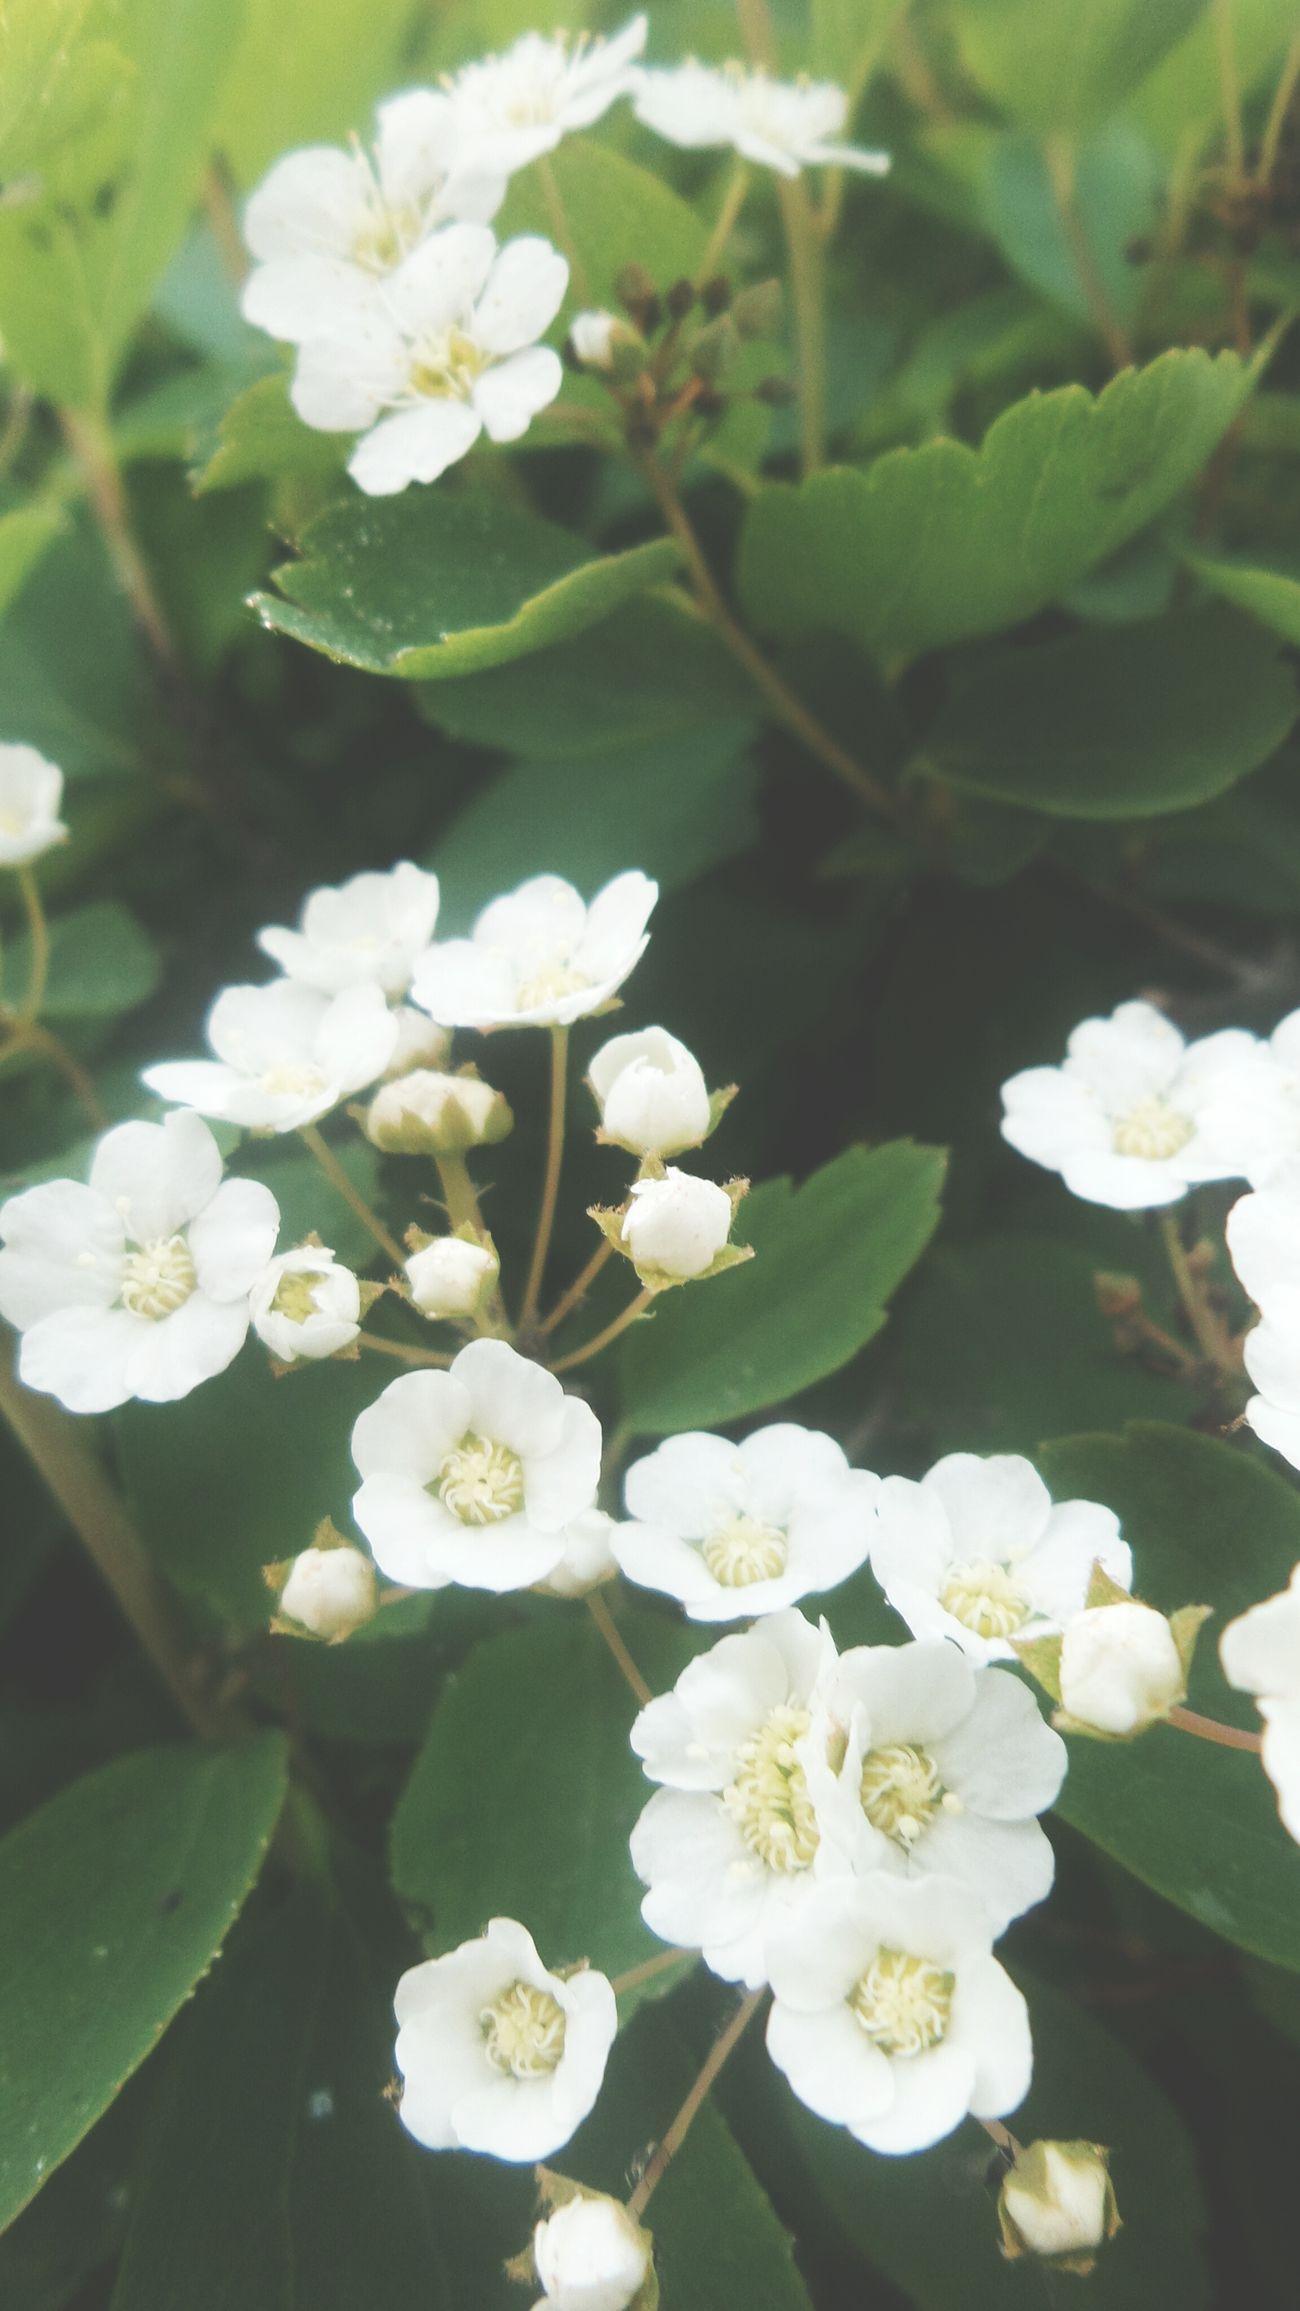 Spring Flowers Spring Bahardalı Green Fresh Lovely Ilkbahar çiçek Anadoluuniversitesi